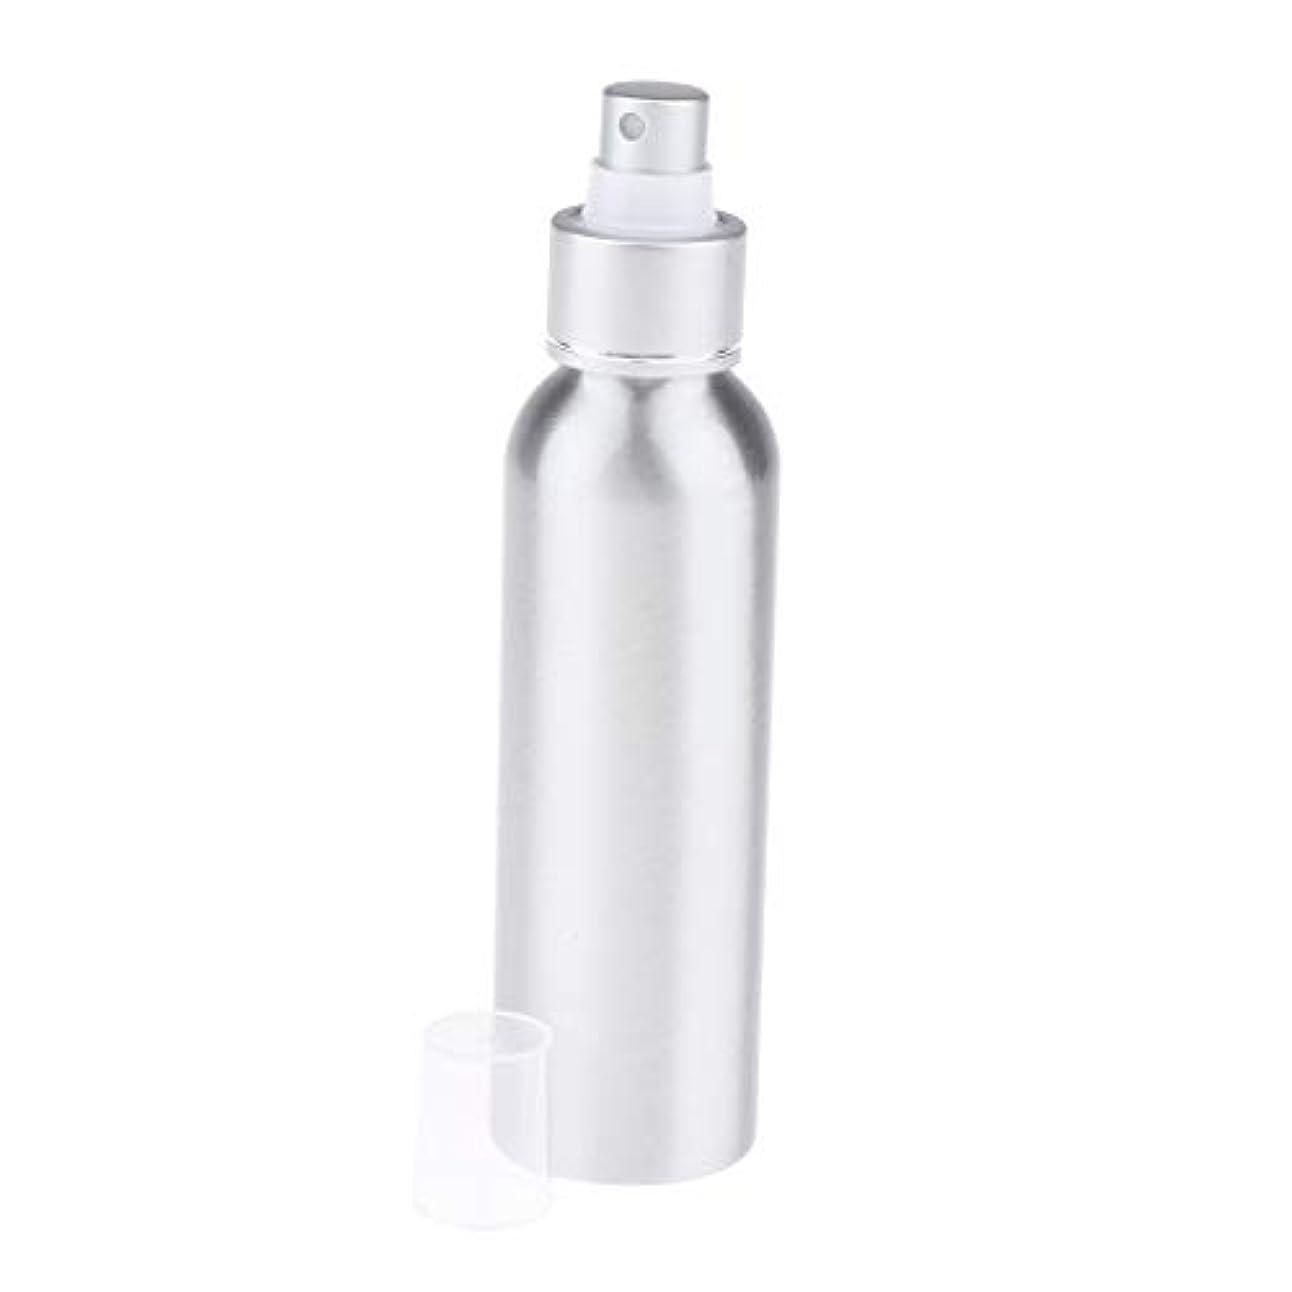 忠実に腹痛ソートCUTICATE ポンプボトル アトマイザー トラベルボトル スプレー 漏れ防止 遮光 霧吹き 旅行用 5サイズ選べ - 120ミリリットル